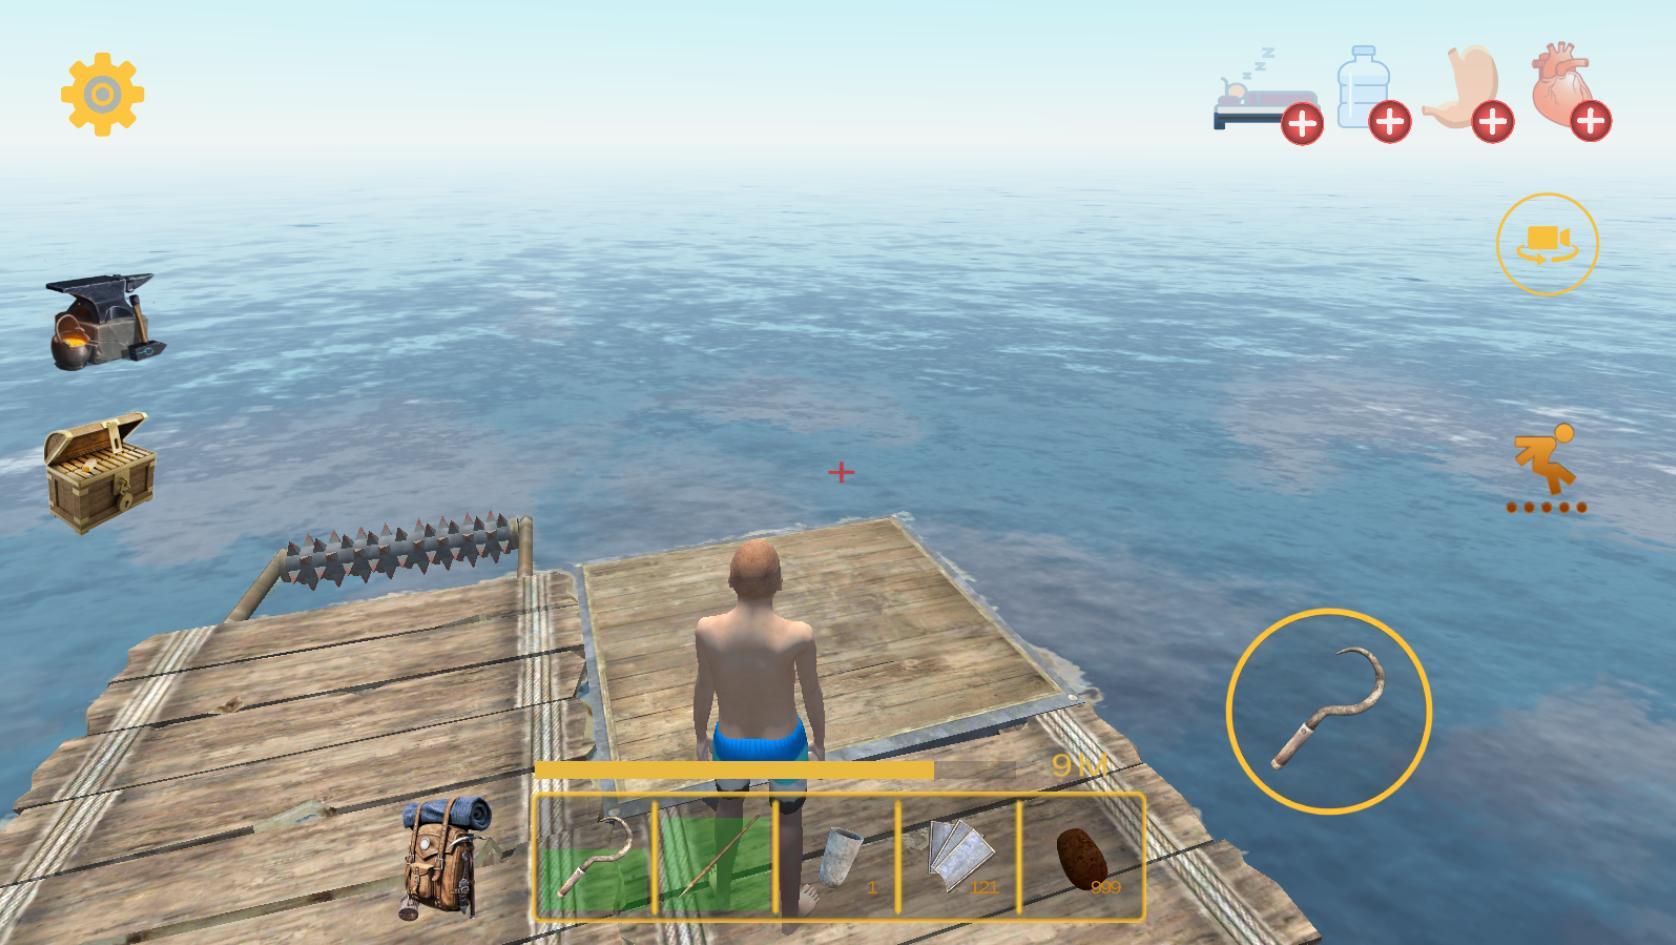 Download permainan terbaru Raft Survival: Multiplayer